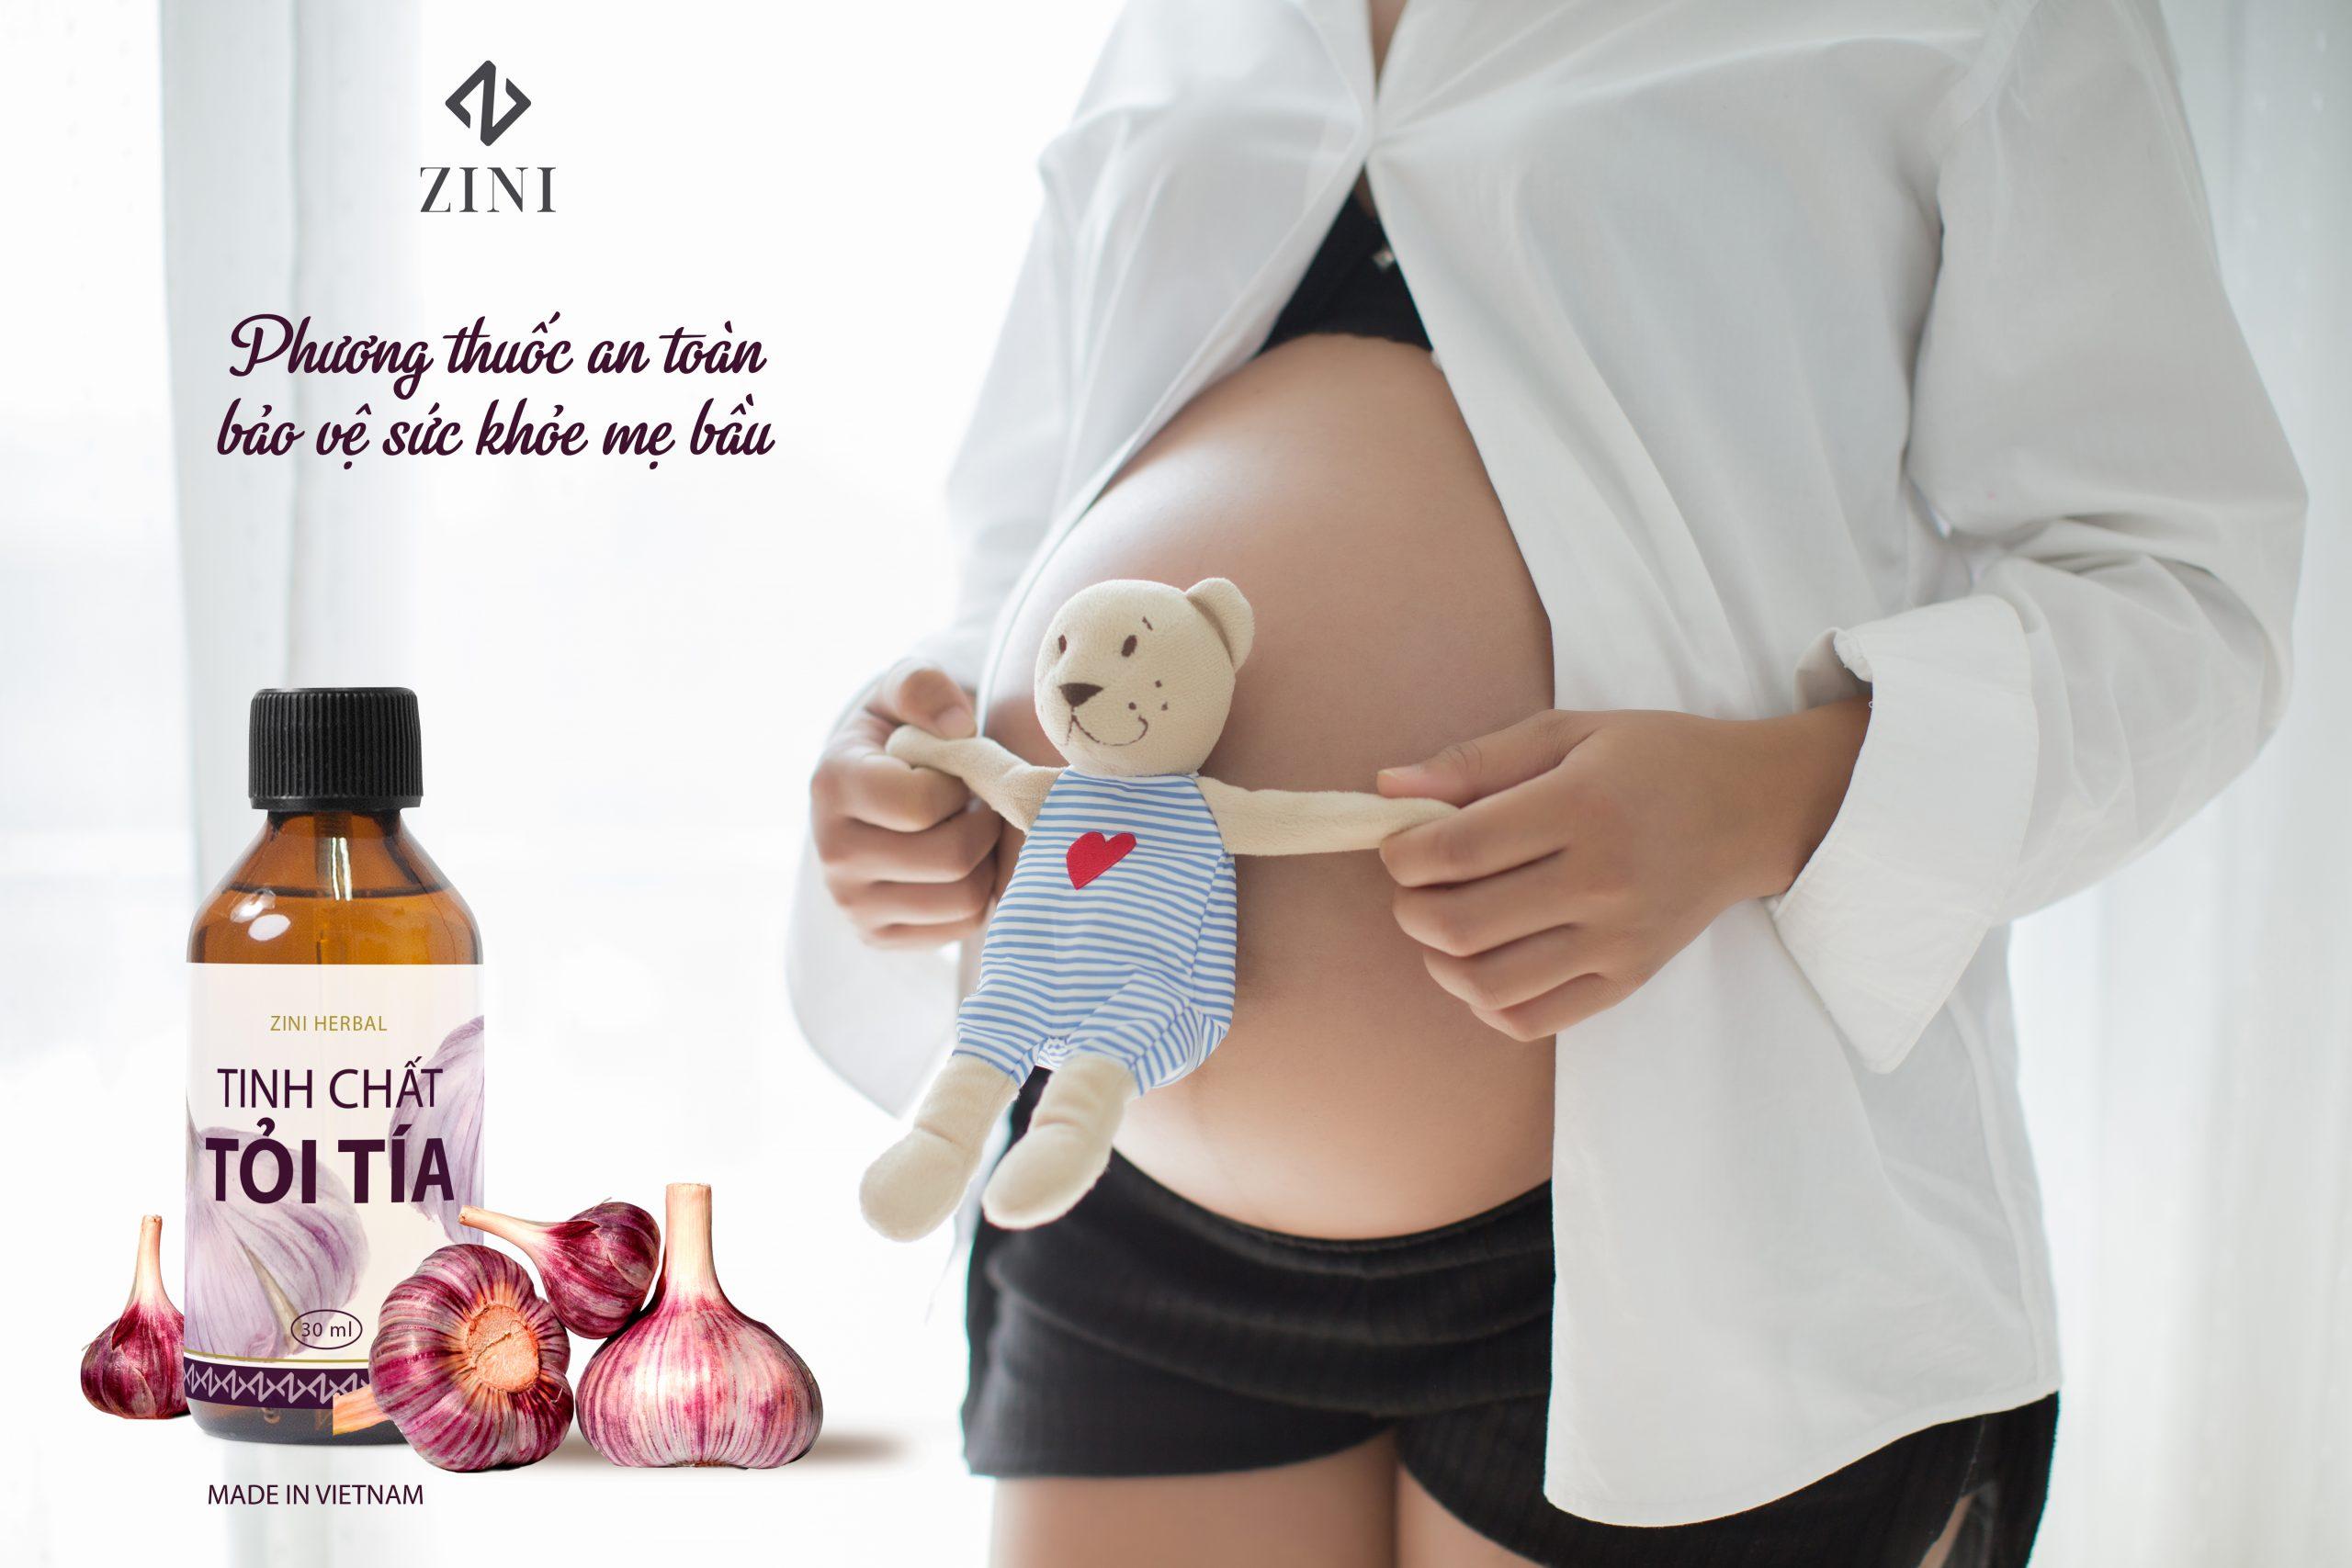 tinh chat toi tia cho phu nu mang thai